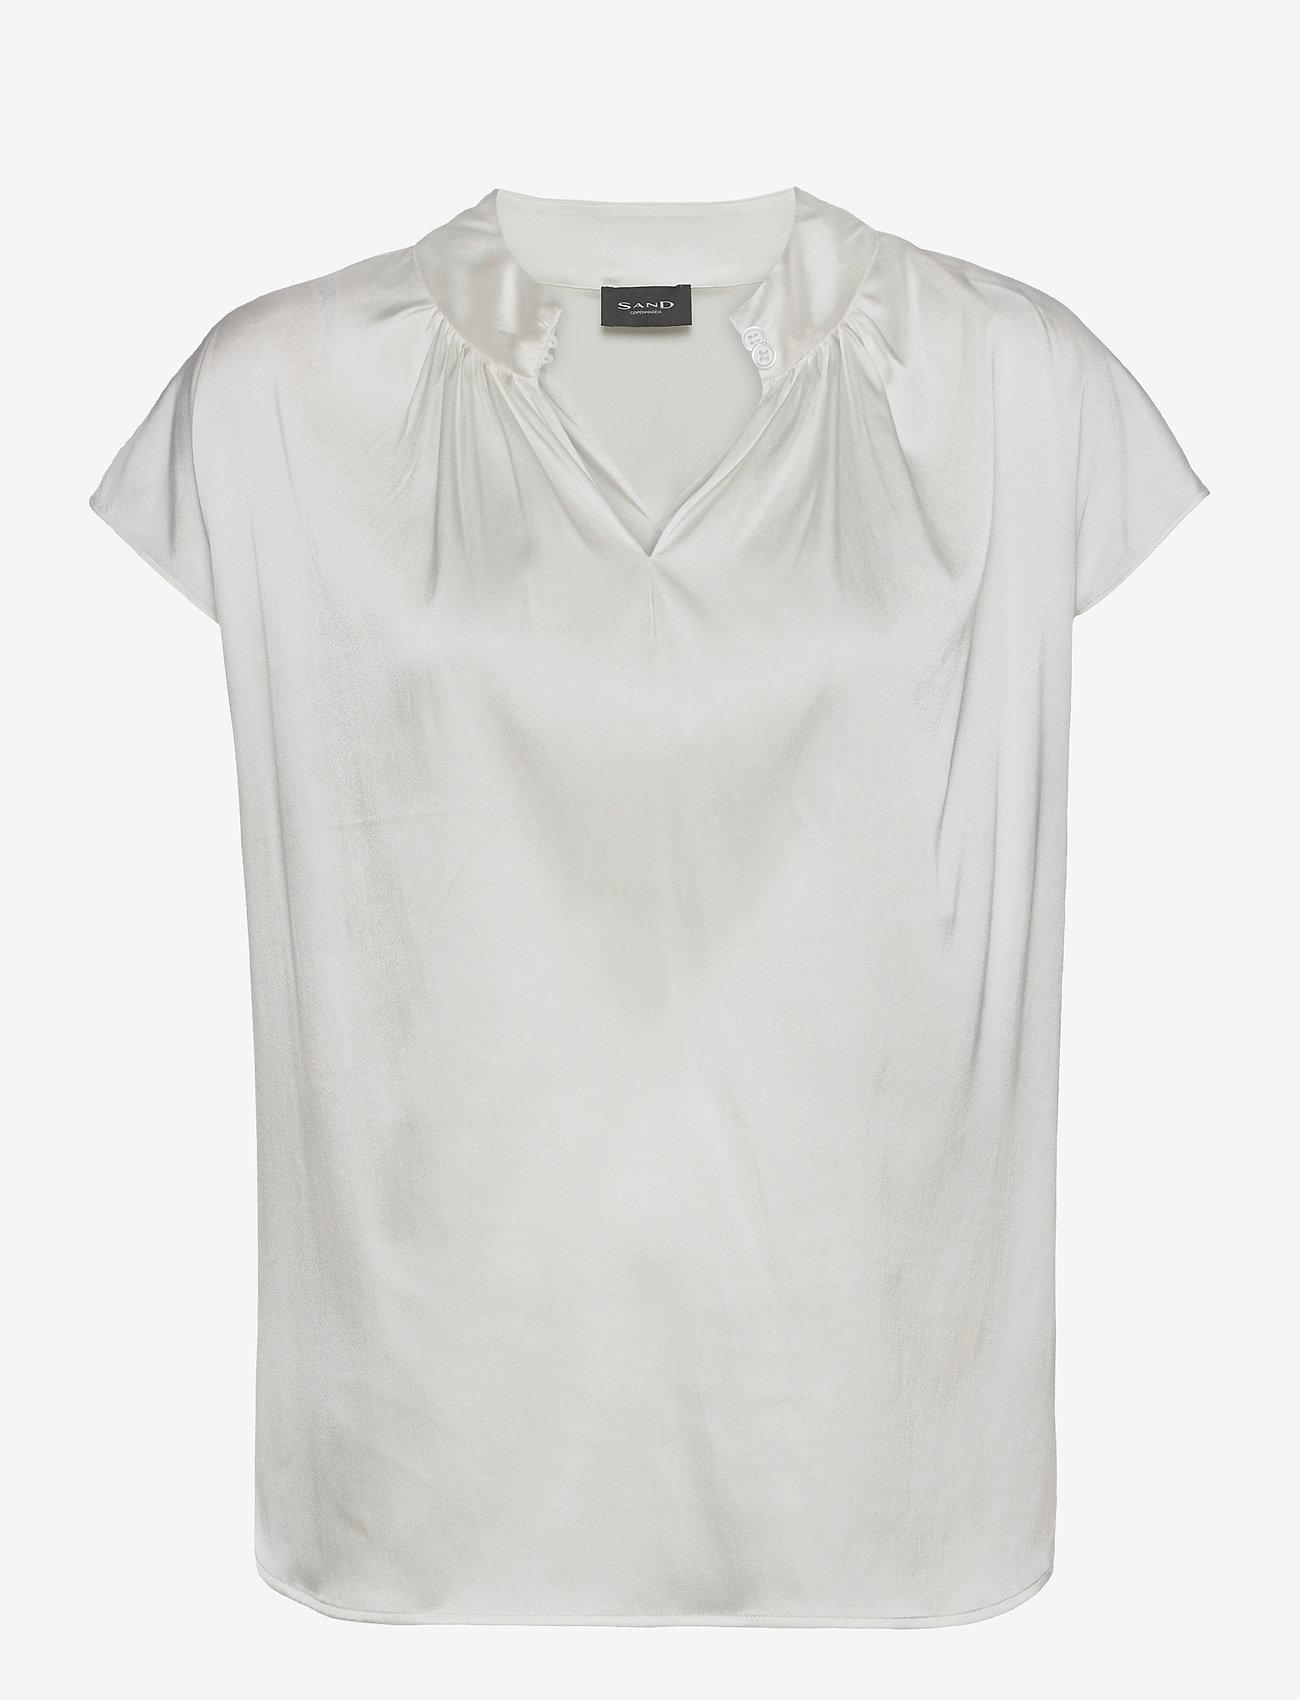 SAND - 3176 - Prosi Top S - blouses met korte mouwen - off white - 0